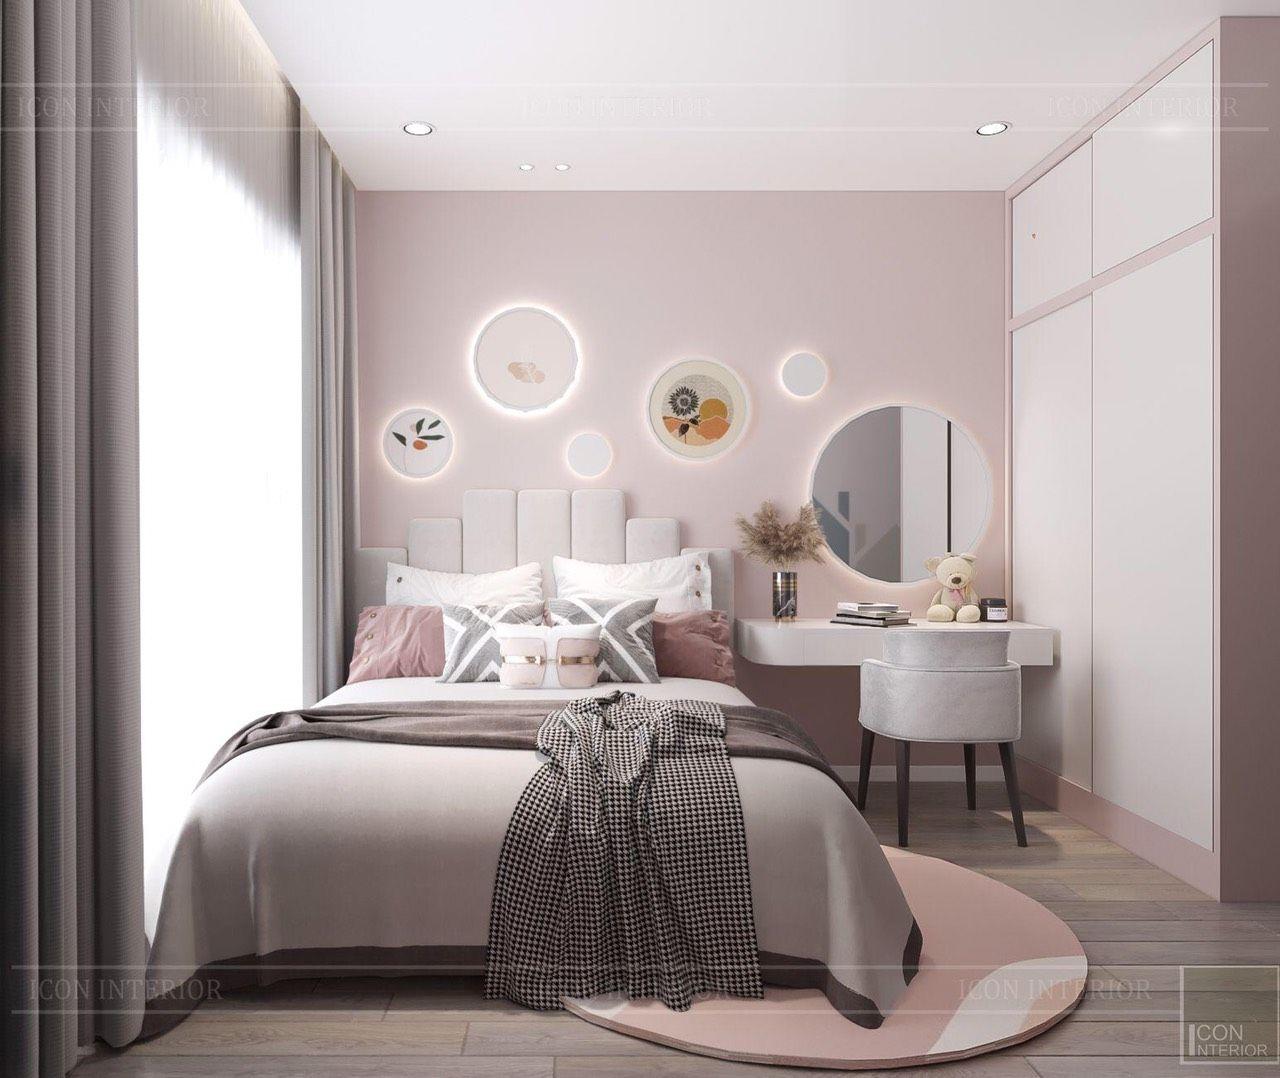 thiết kế nội thất phòng ngủ trẻ em căn hộ 90m2